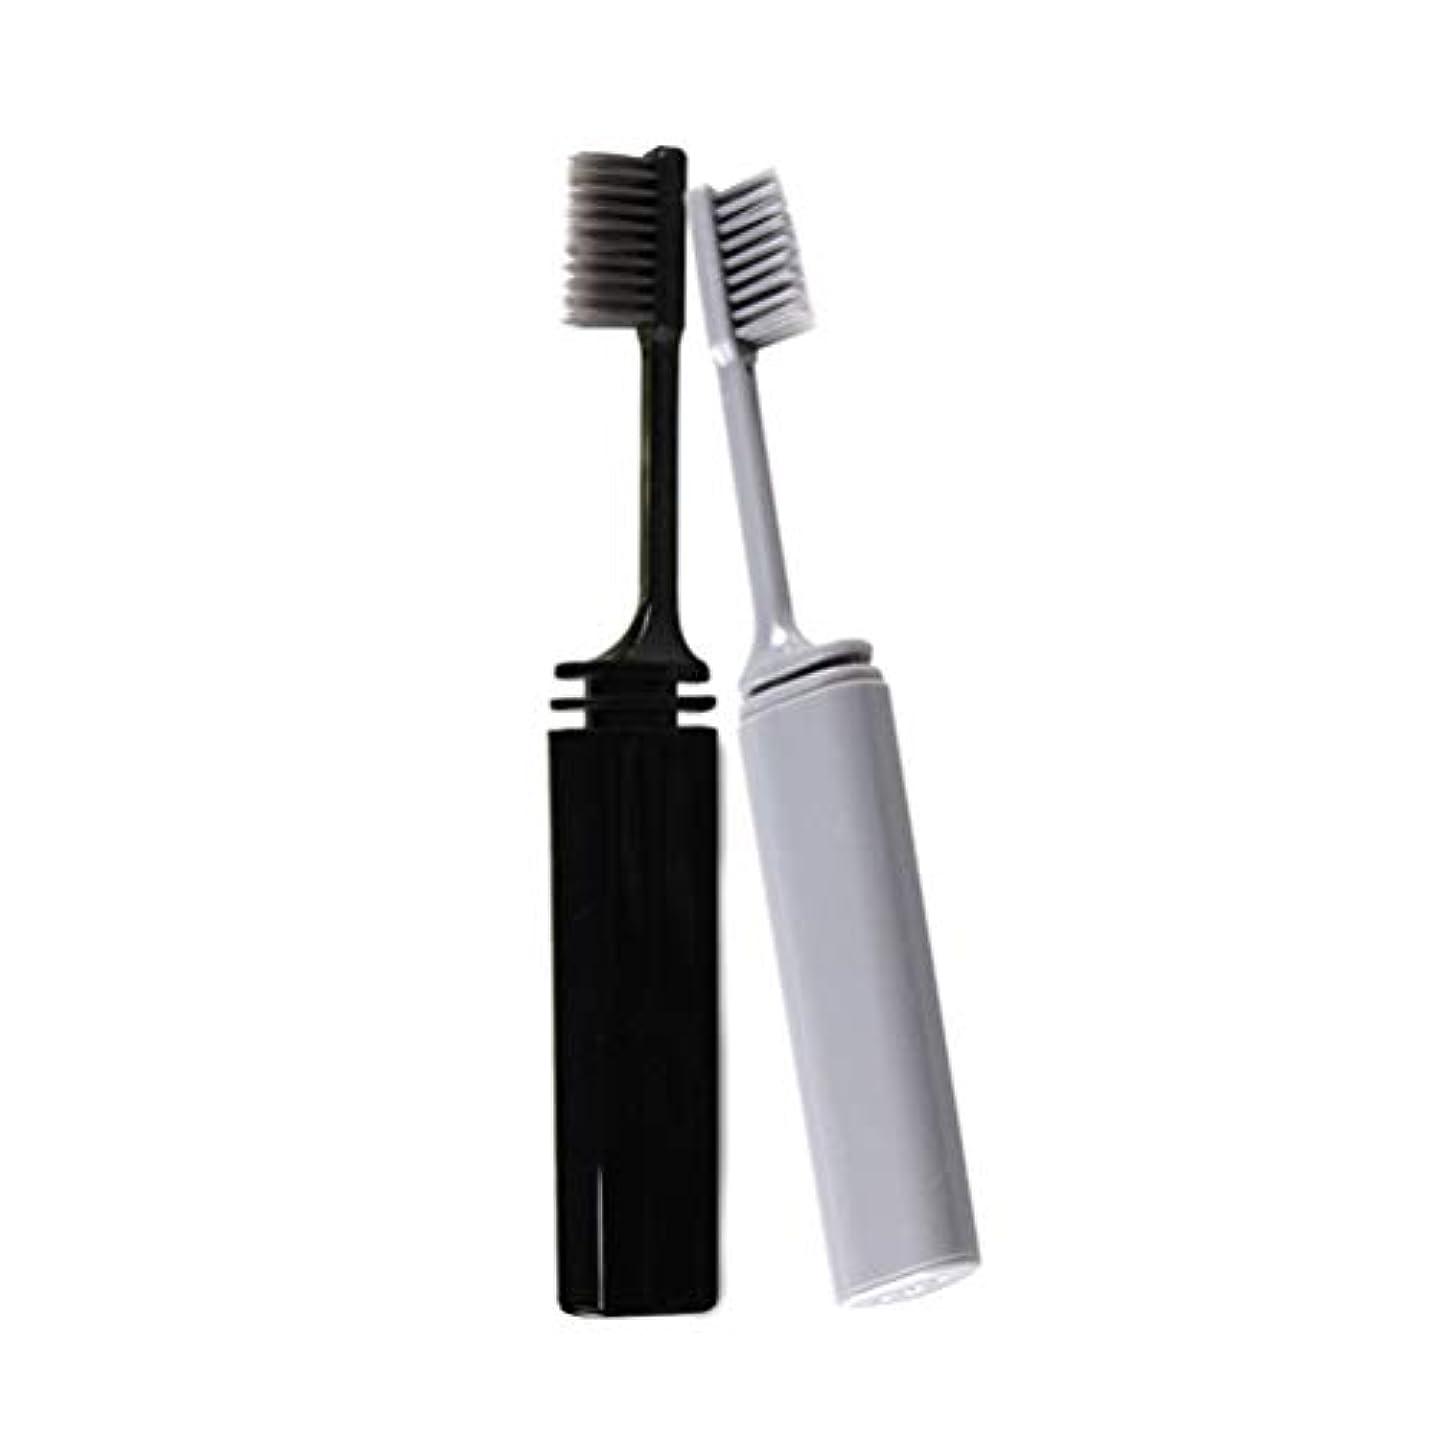 ブームガイドライン独立したHealifty 旅行用携帯用歯ブラシ折りたたみ竹炭歯ブラシ2本(グレー+ブラック)